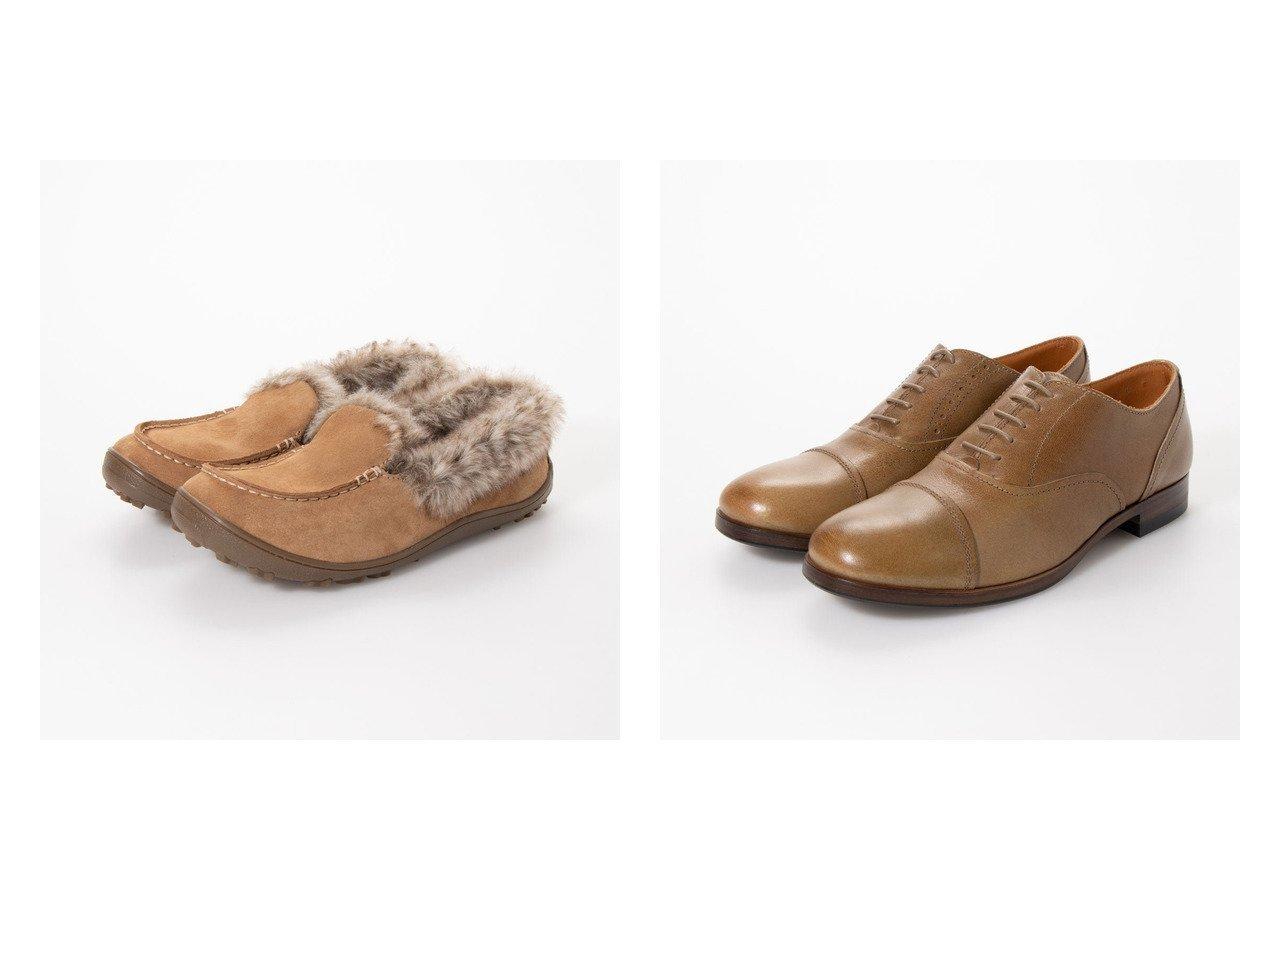 【ground/グラウンド】の【SPACE CRAFT】レザーレースアップマニッシュシューズ&【Columbia/コロンビア】のレディース スキー/スノーボード スノーシューズ MINX- OMNI-HEAT- BL5962 シューズ・靴のおすすめ!人気、レディースファッションの通販  おすすめで人気のファッション通販商品 インテリア・家具・キッズファッション・メンズファッション・レディースファッション・服の通販 founy(ファニー) https://founy.com/ ファッション Fashion レディース WOMEN シュシュ / ヘアアクセ Hair Accessories インナー シューズ スエード スポーツ ラバー イタリア トレンド モダン |ID:crp329100000004106